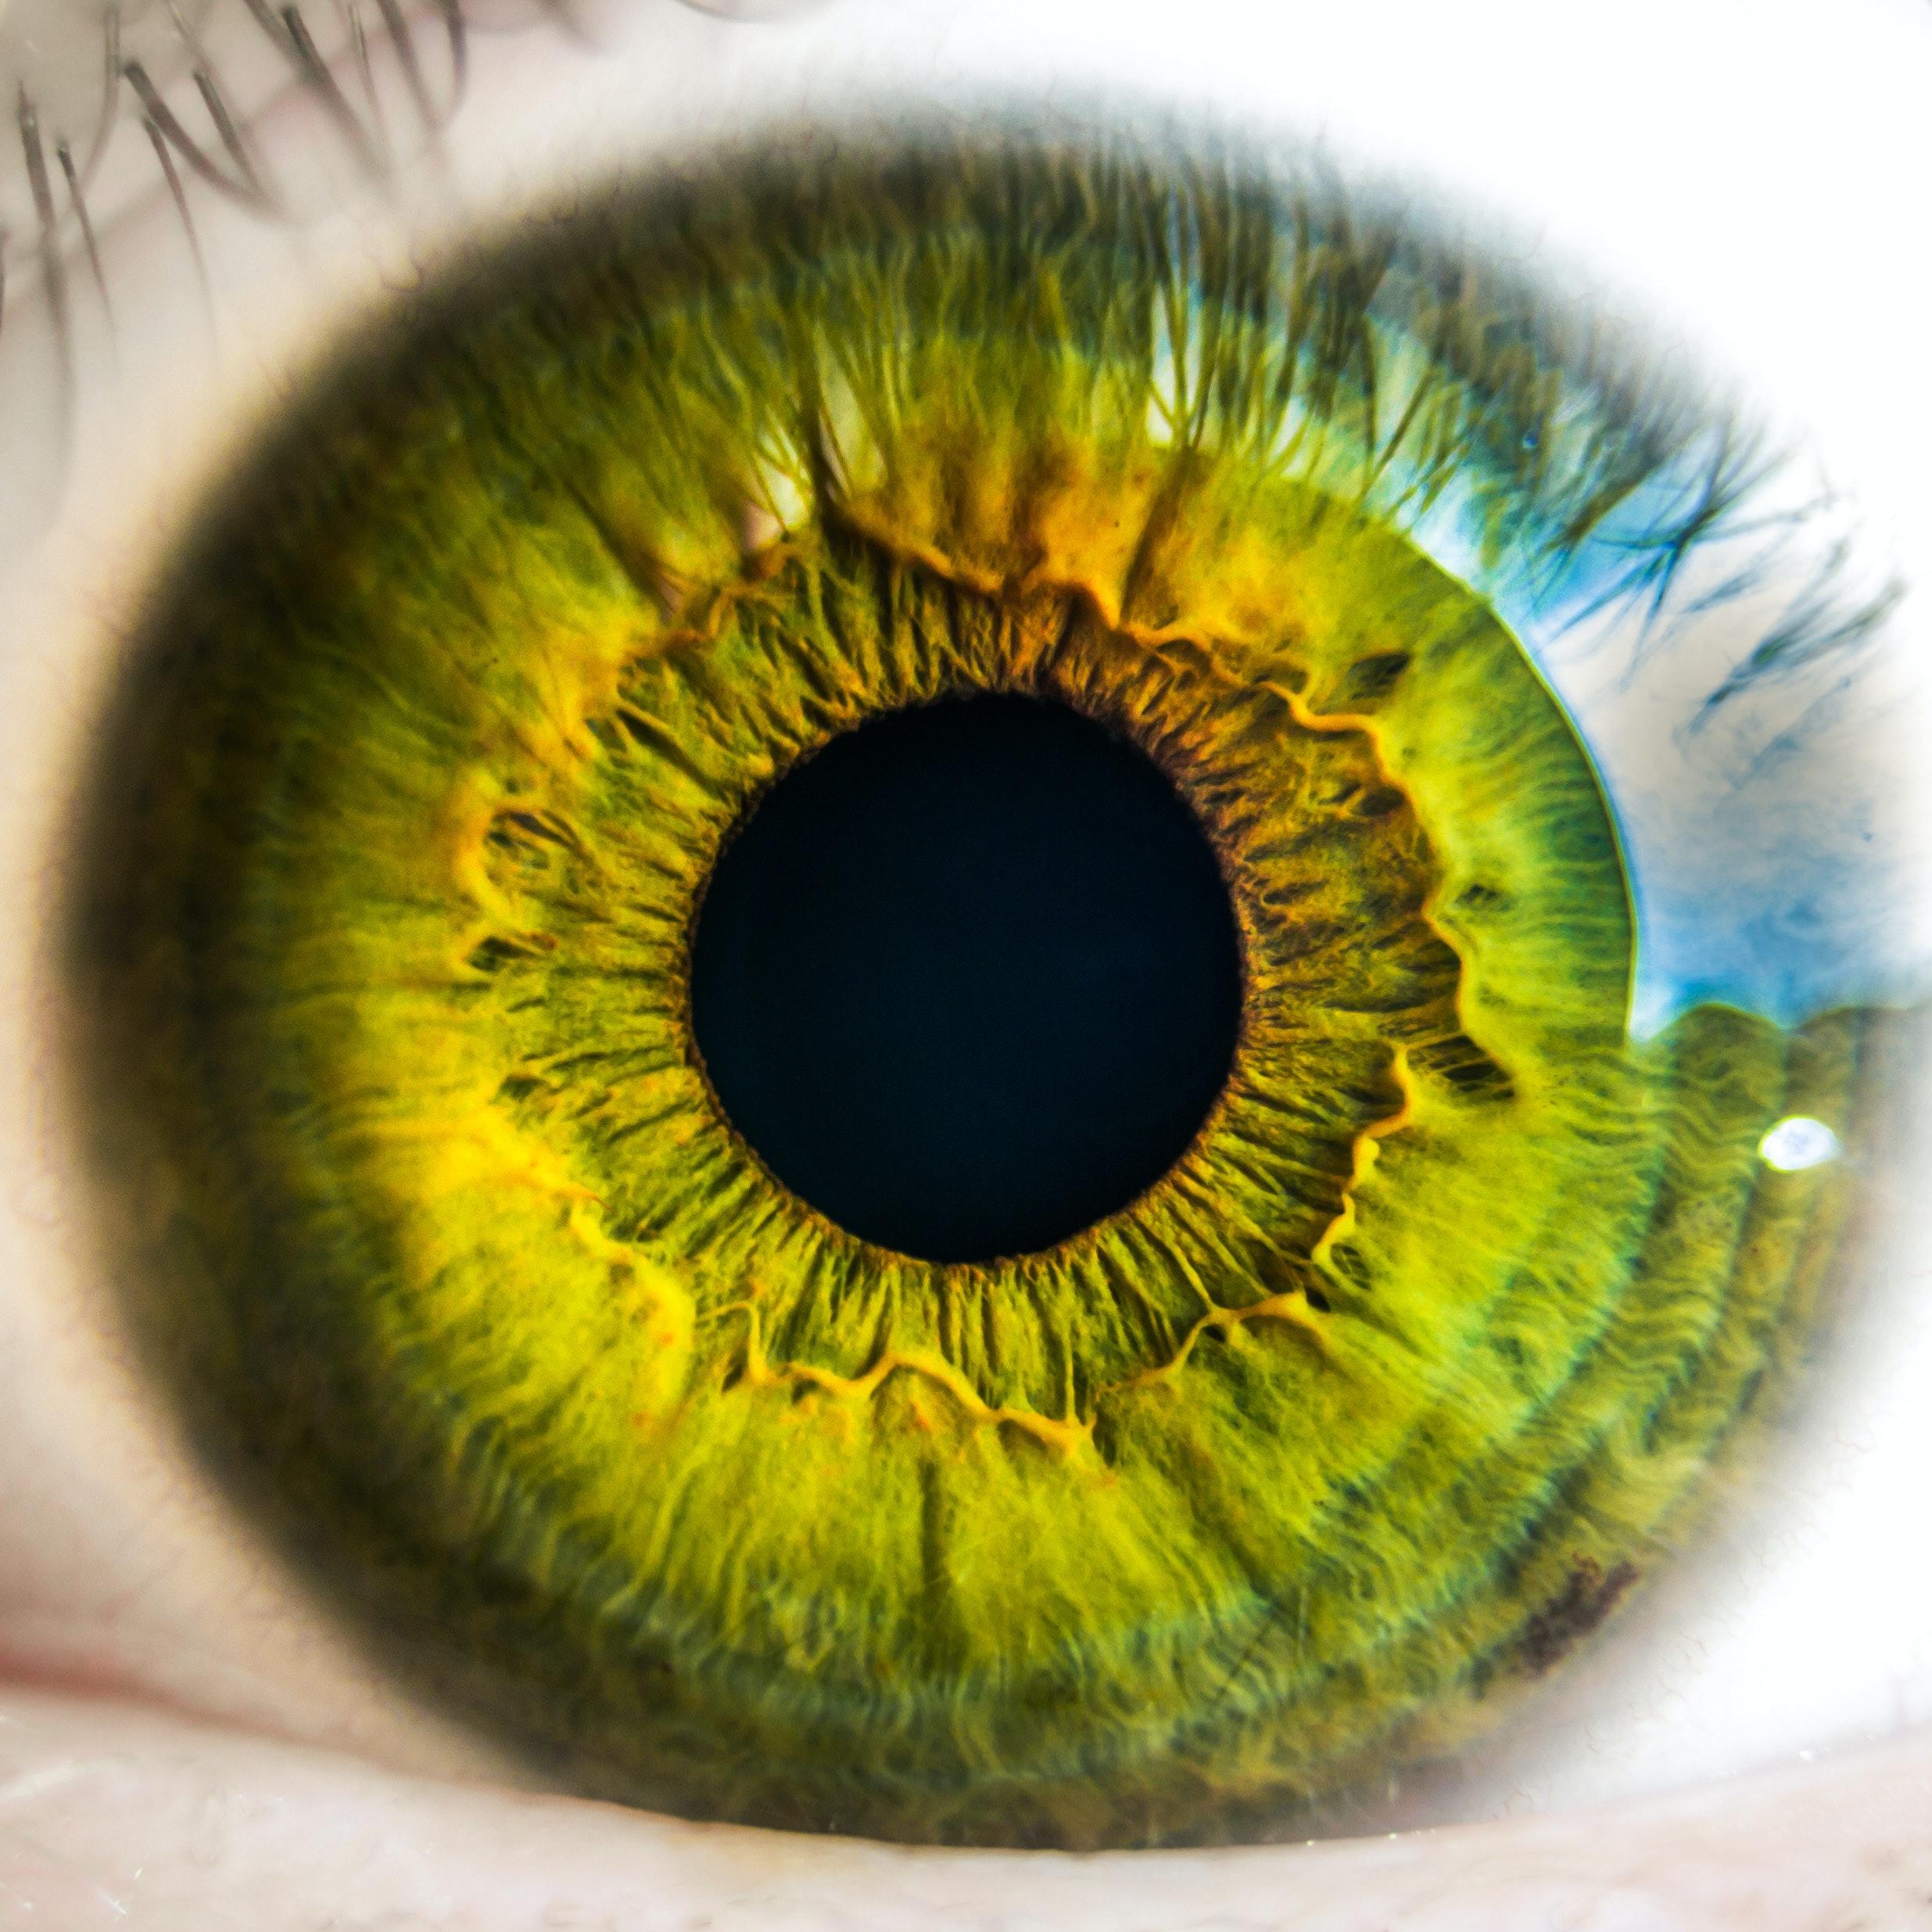 10 Engaging Iris Photos Pexels Free Stock Photos